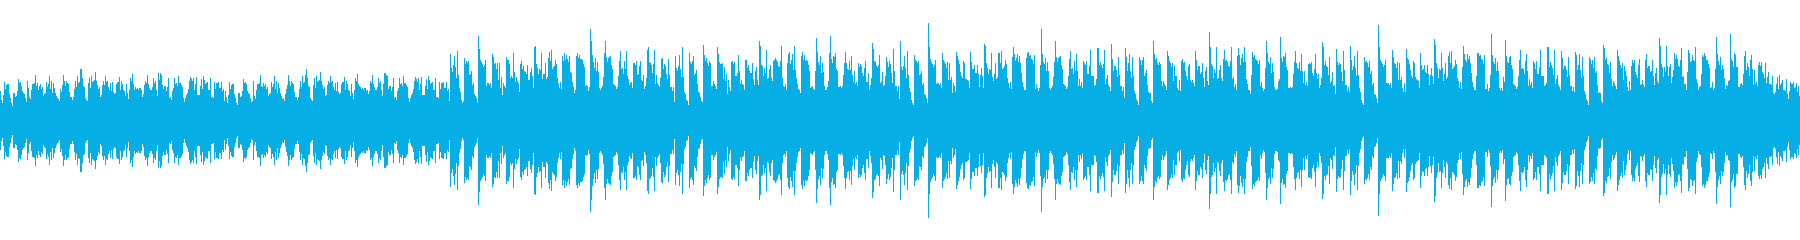 ループ:前進感あるシンプルなハウスビートの再生済みの波形